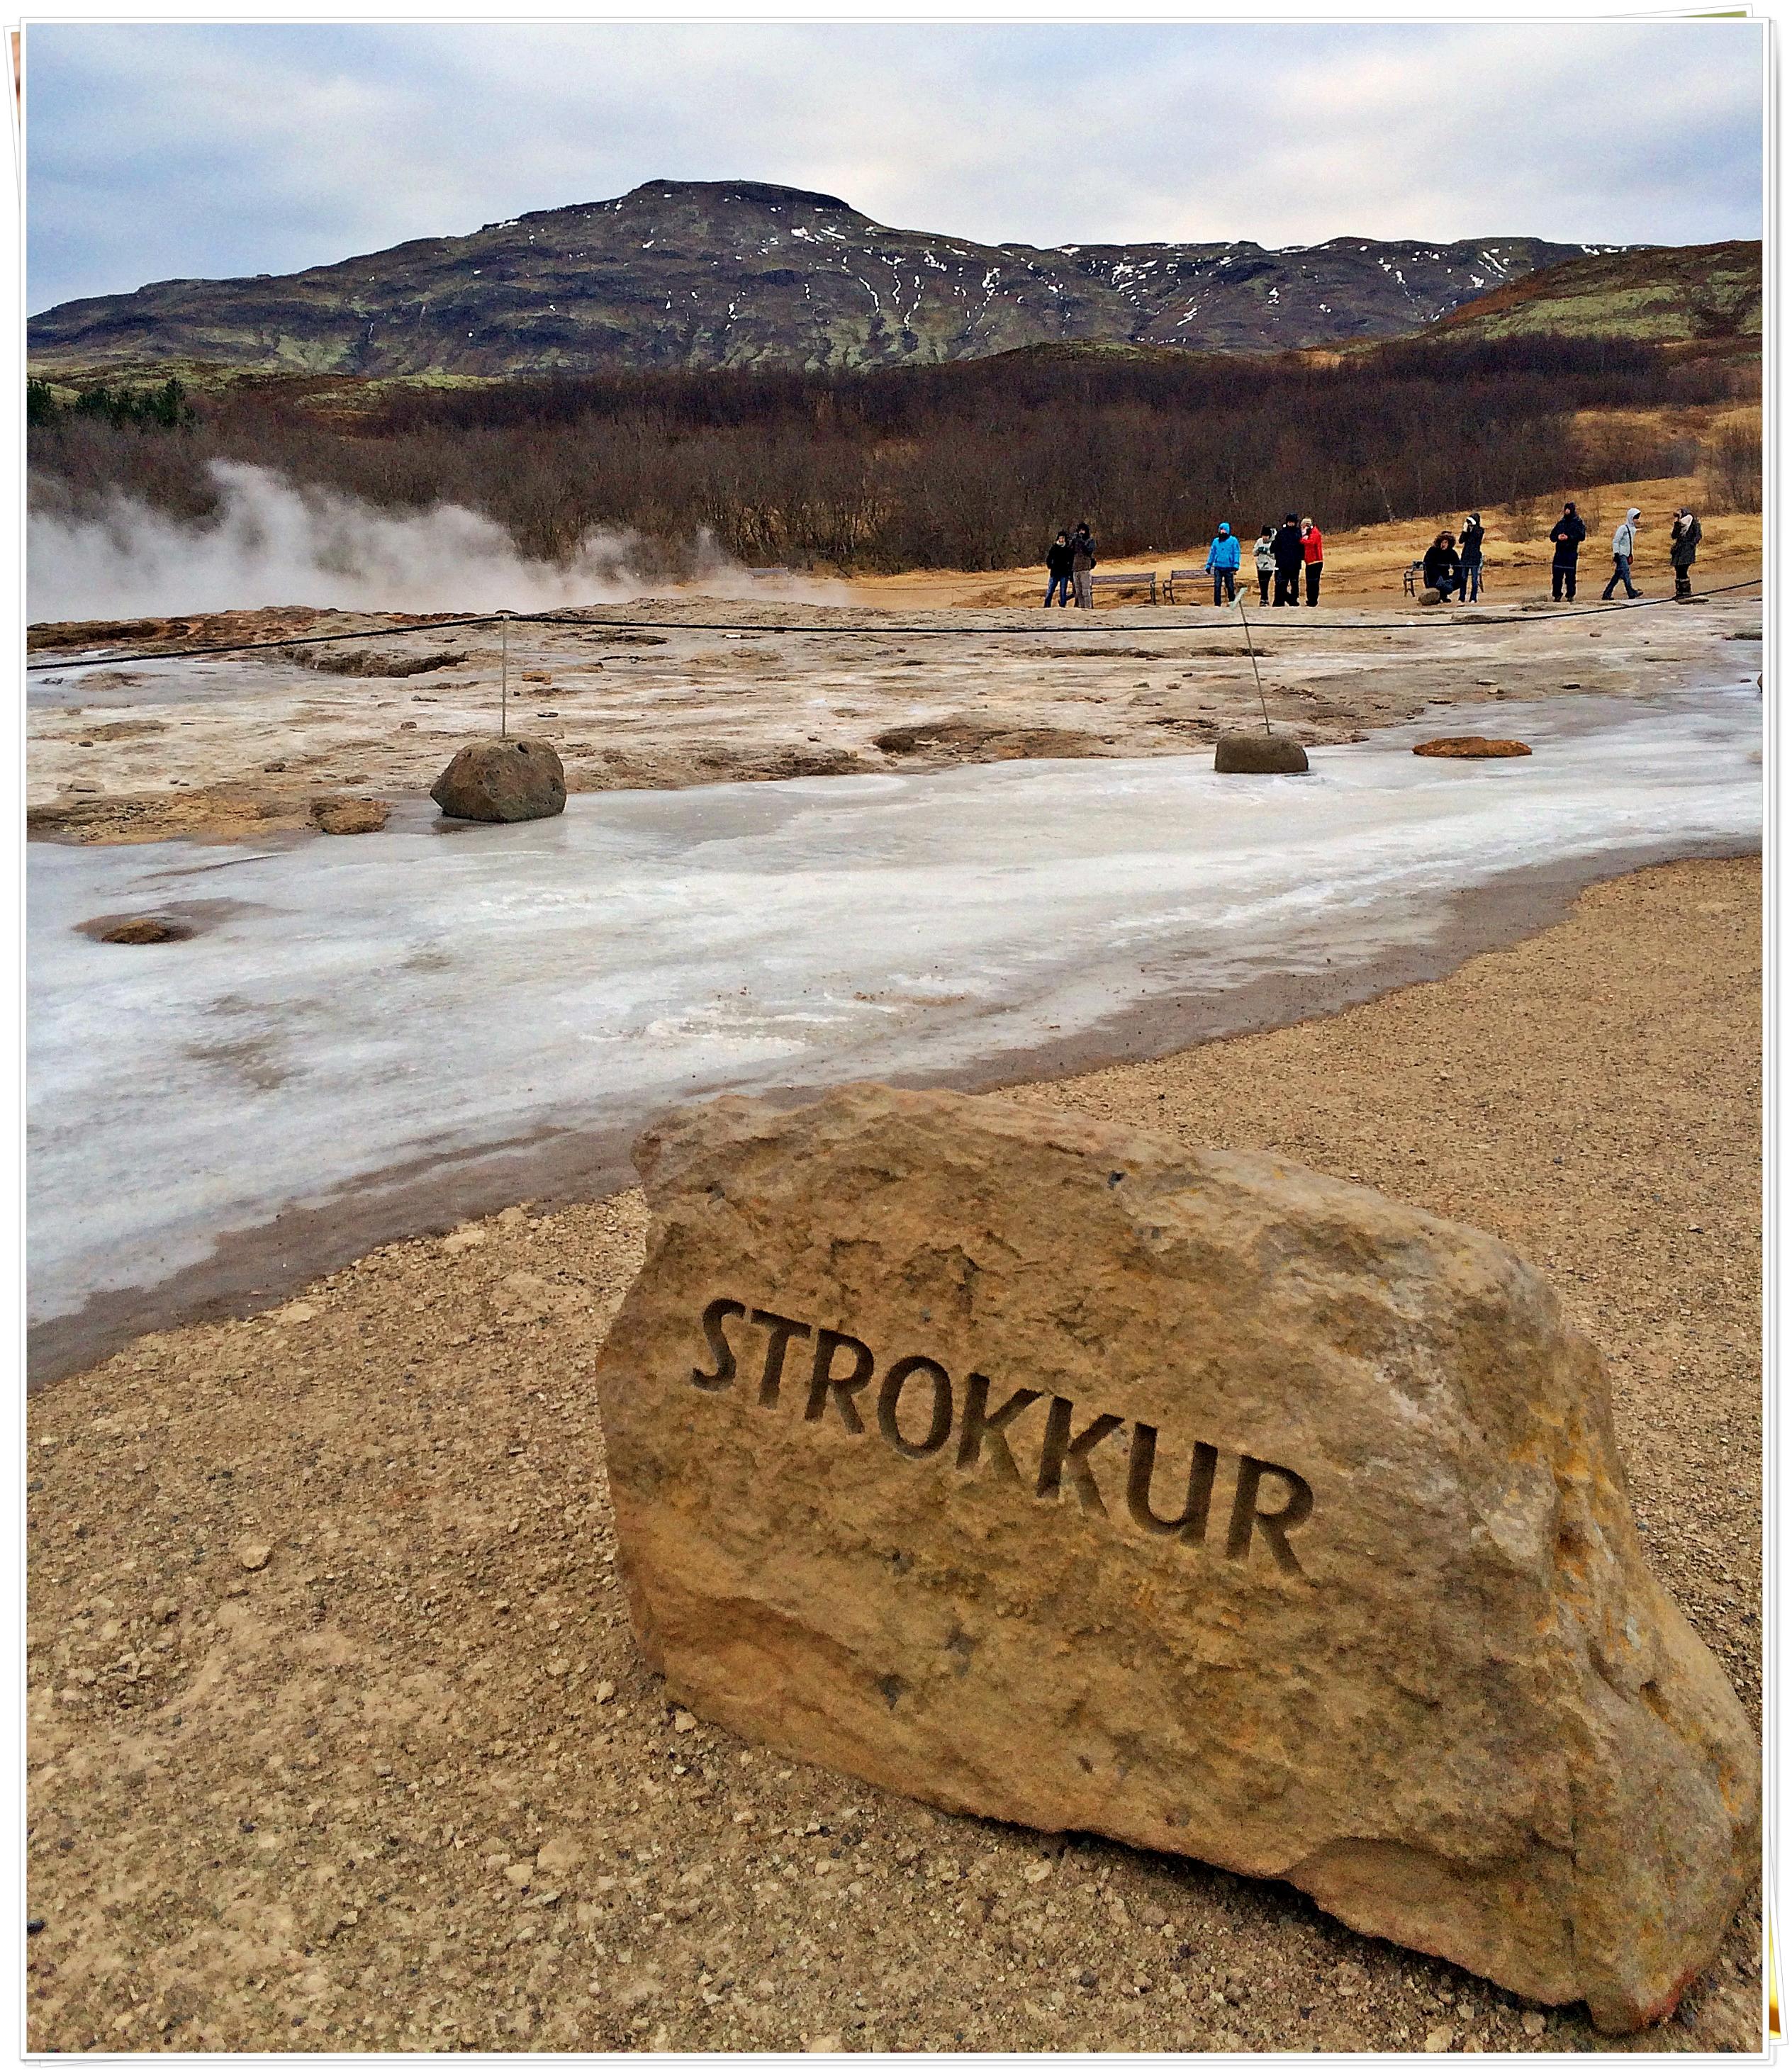 Strokkur Geysir, Reykjavik, Iceland - Nov 2014